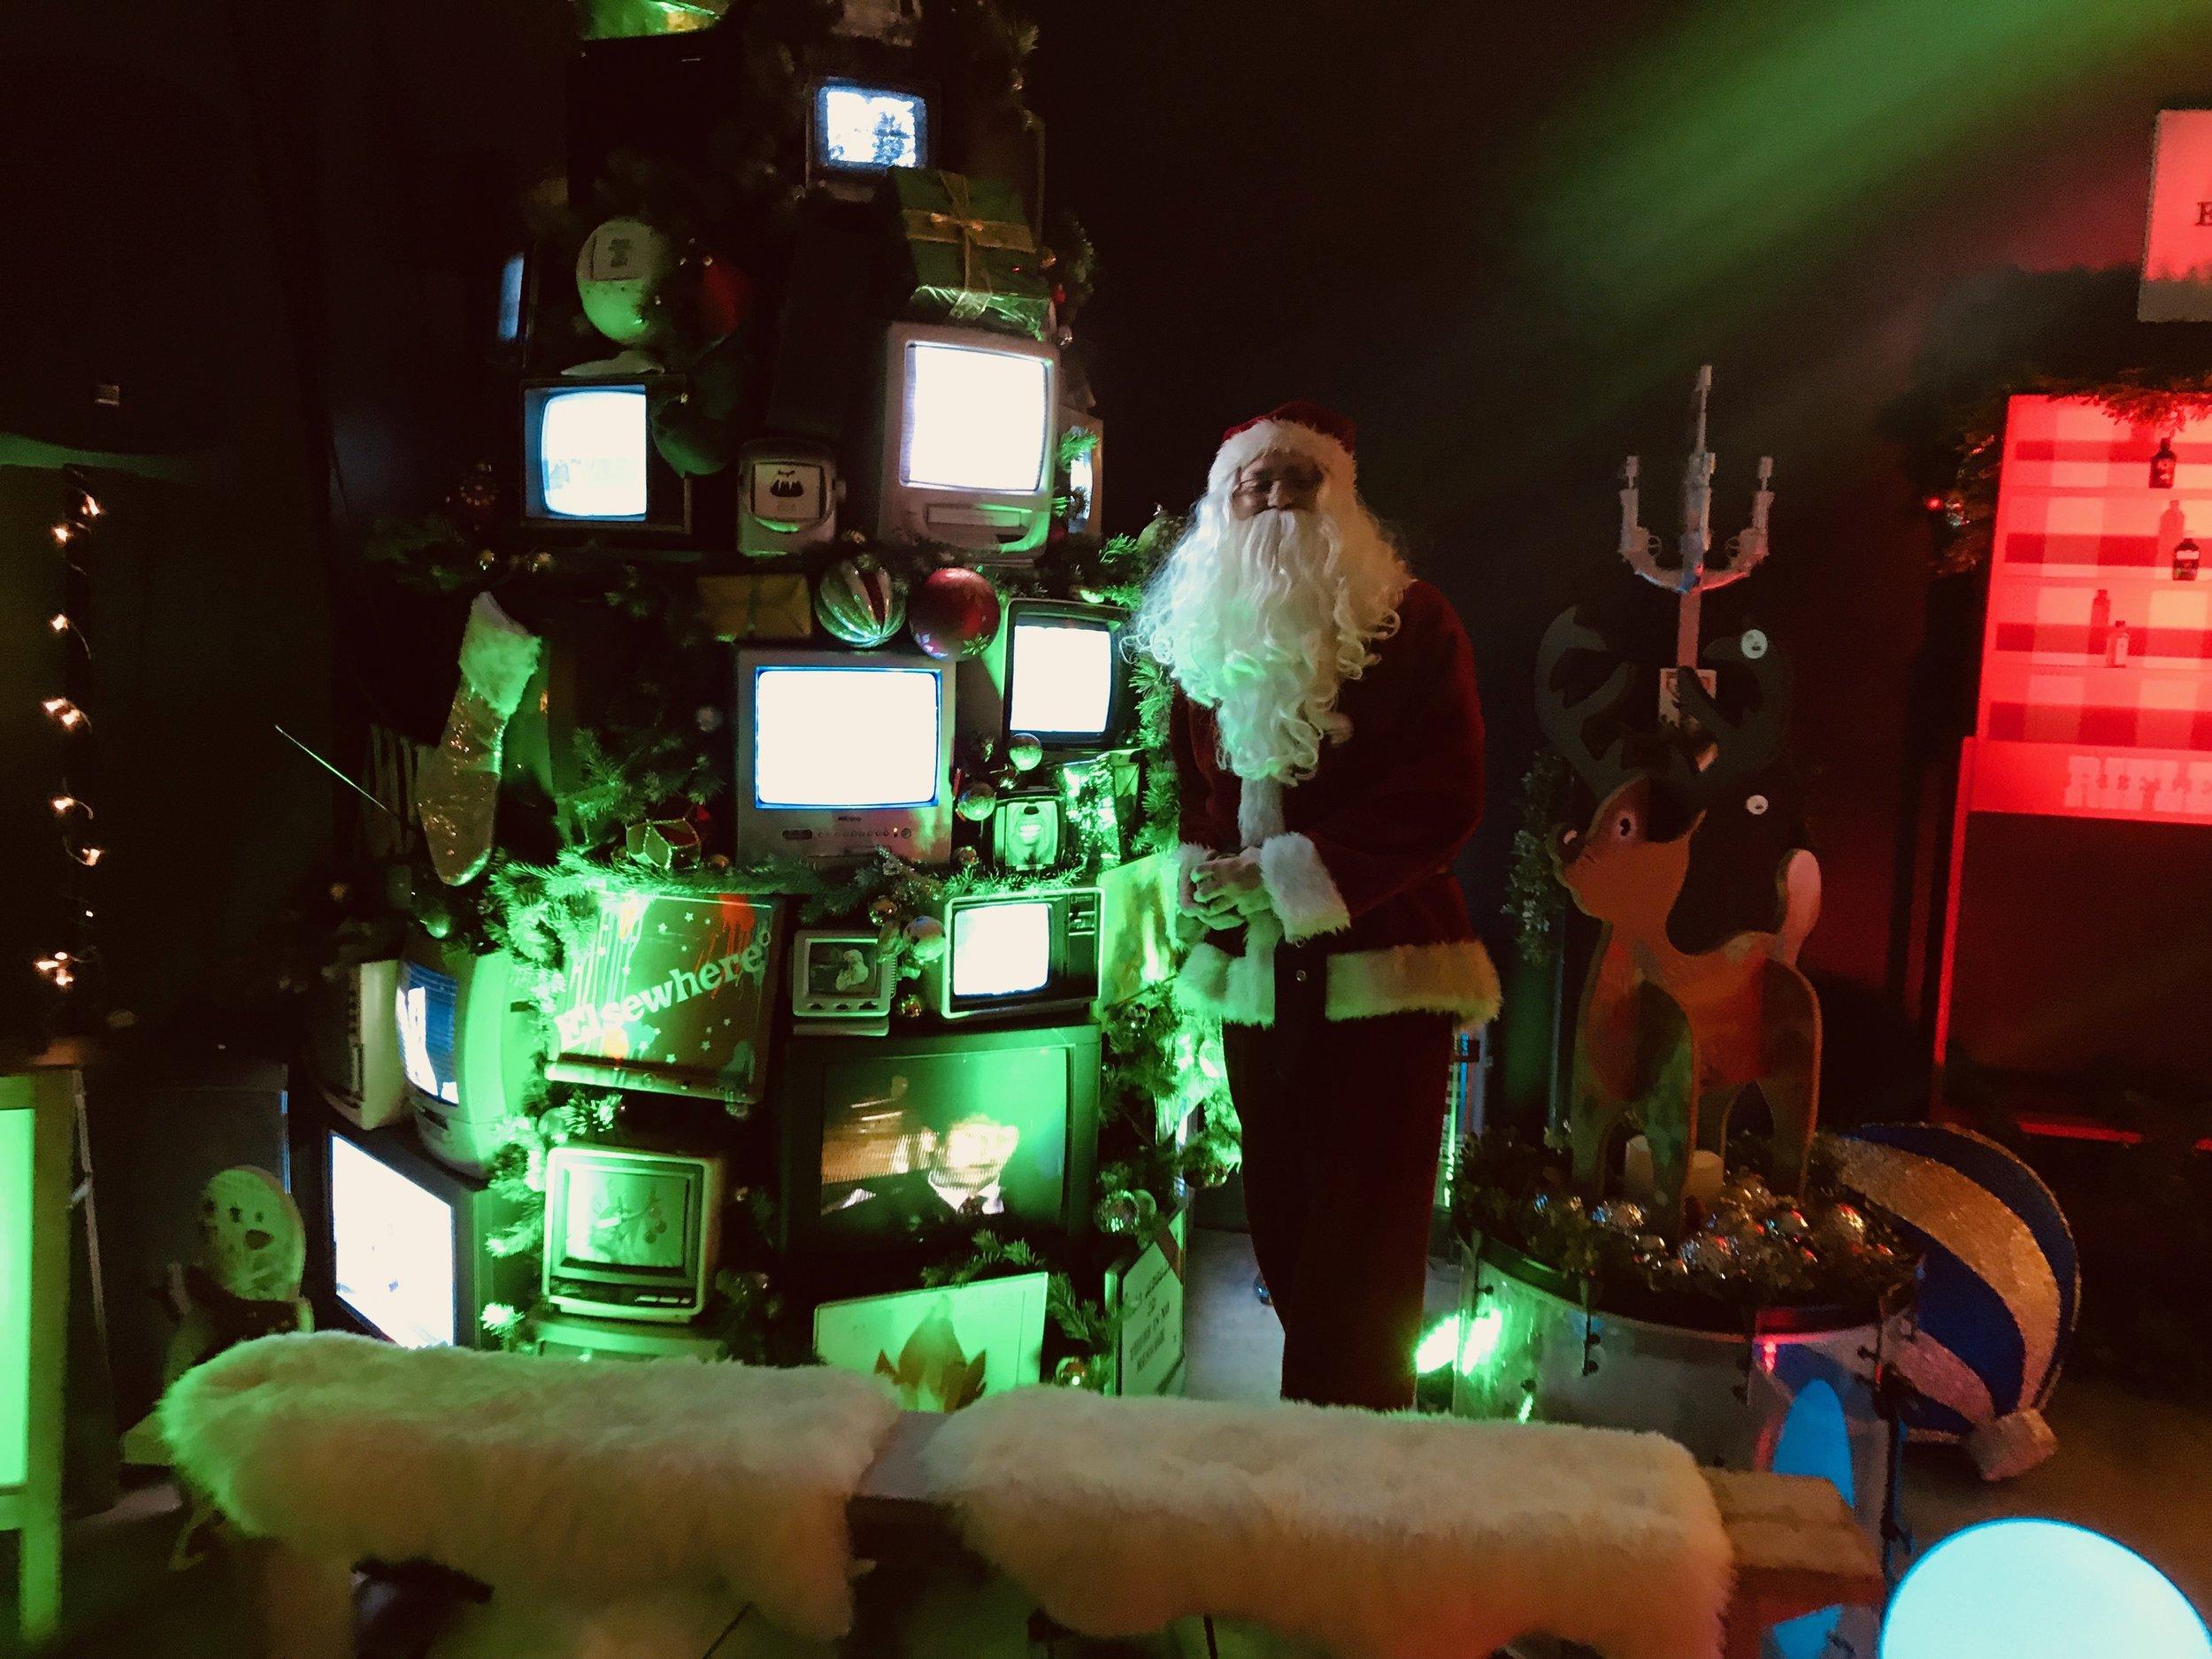 Last years TV Christmas tree